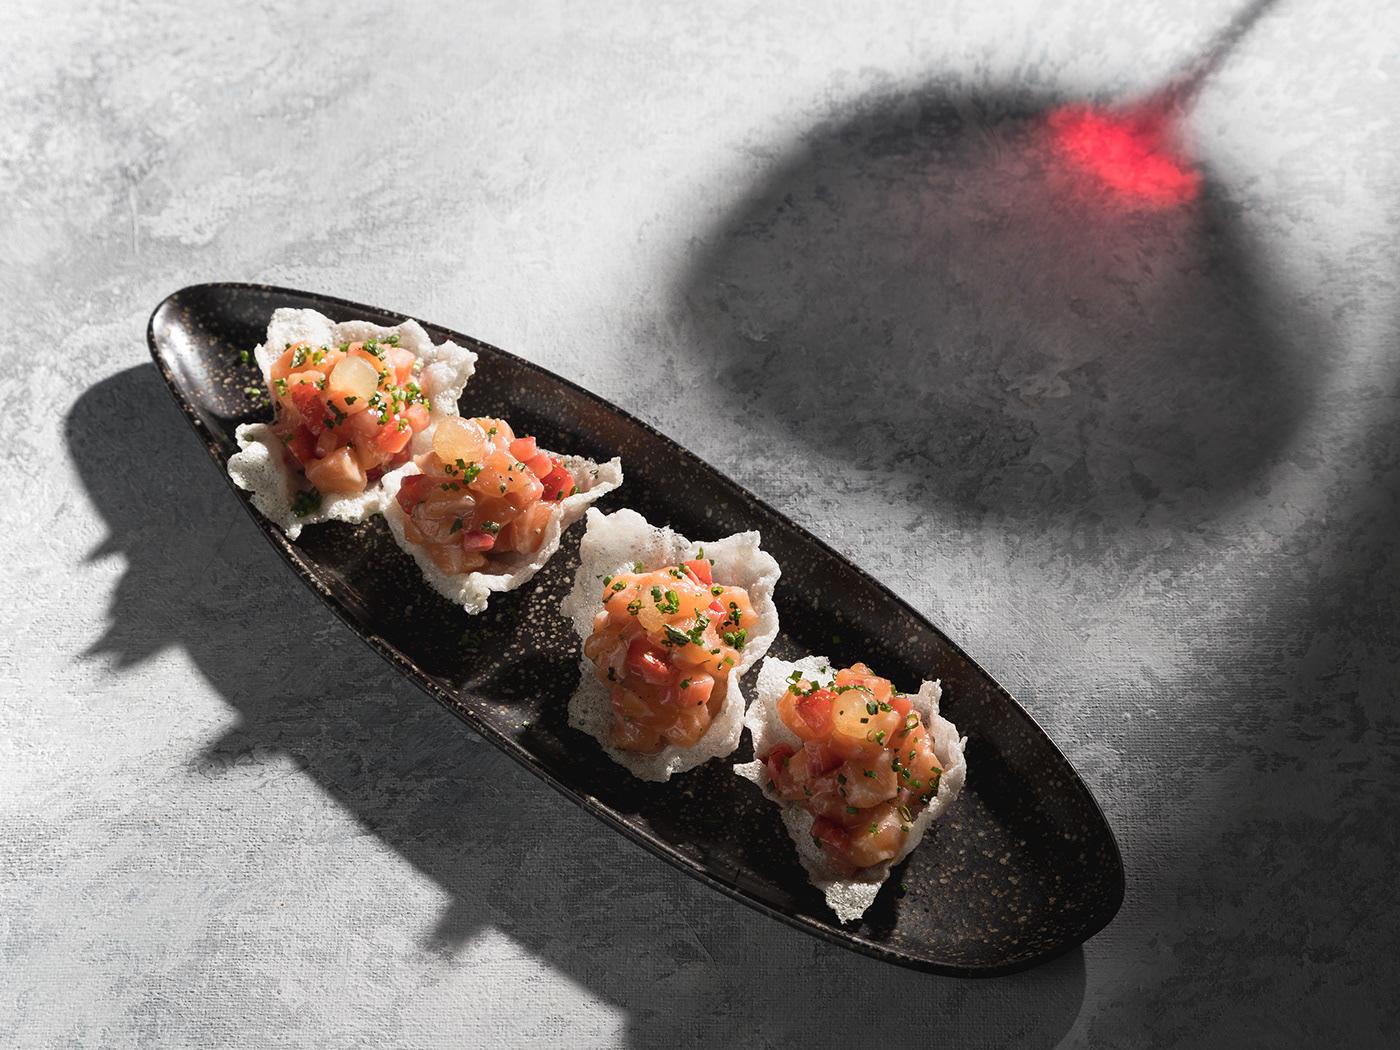 Image may contain: food, dish and sushi